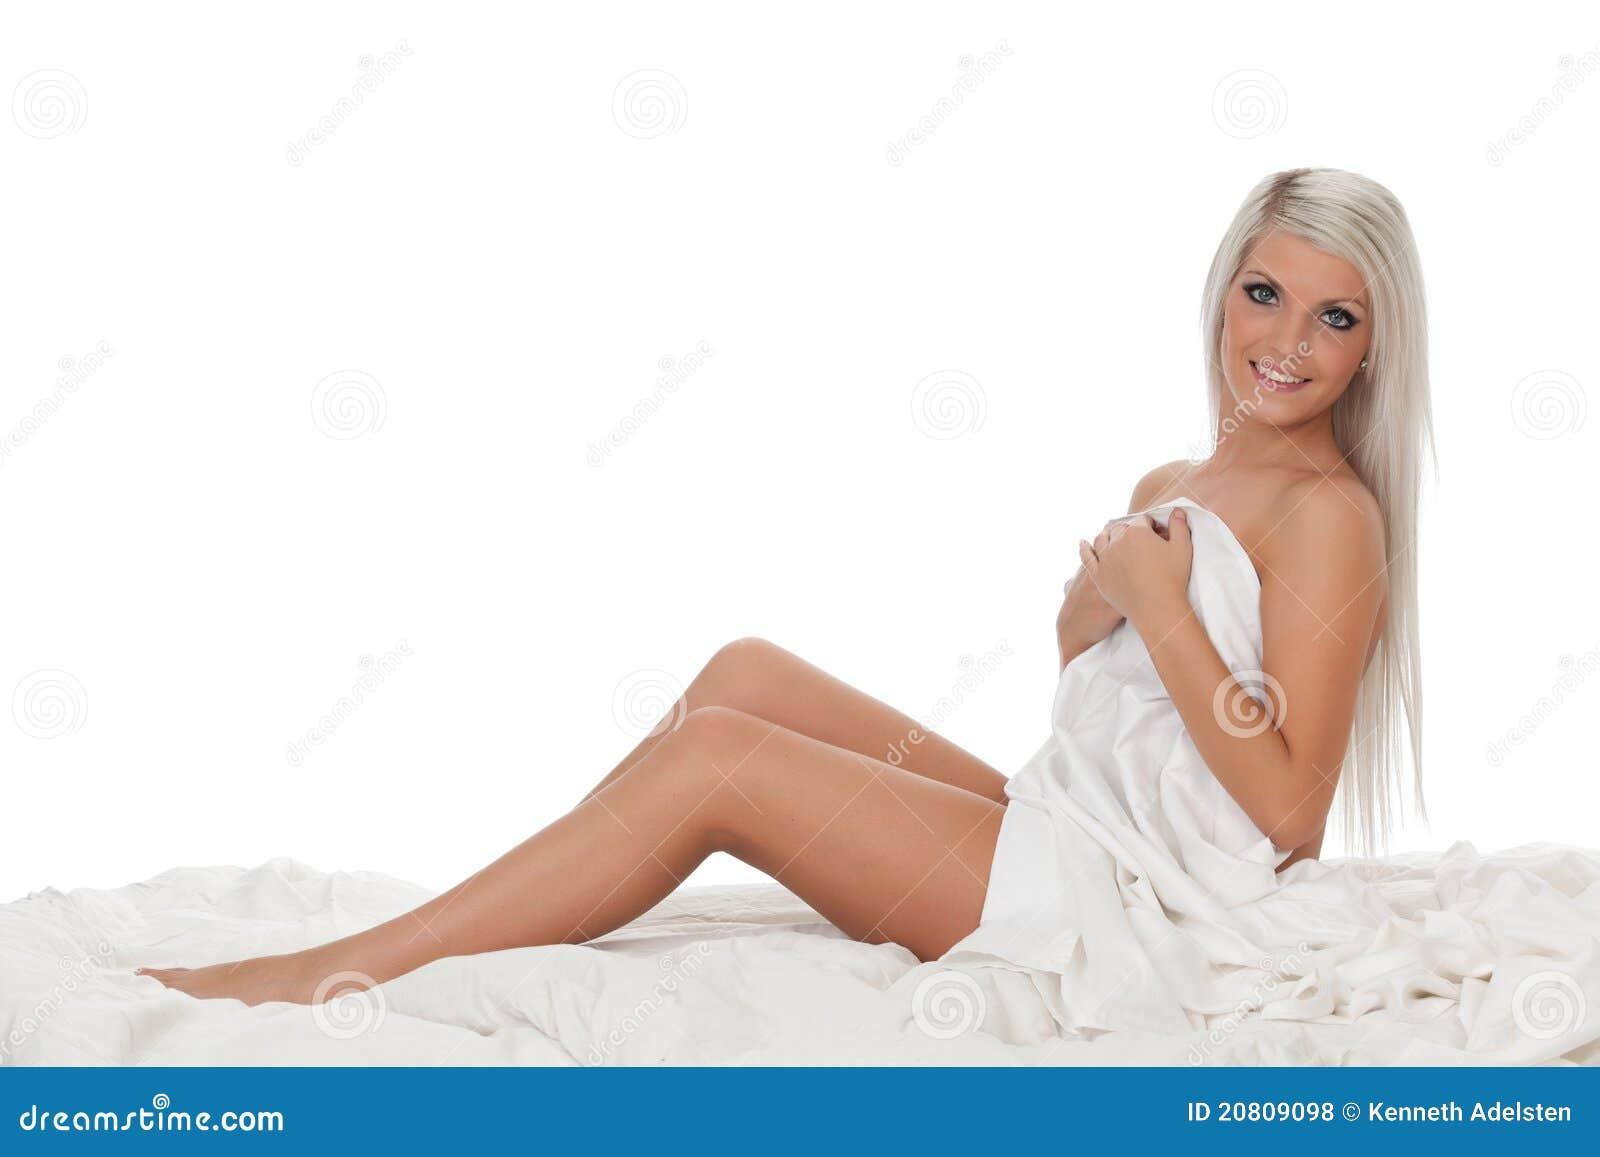 女孩人体_背景美丽的女孩查出的裸体空白年轻人.